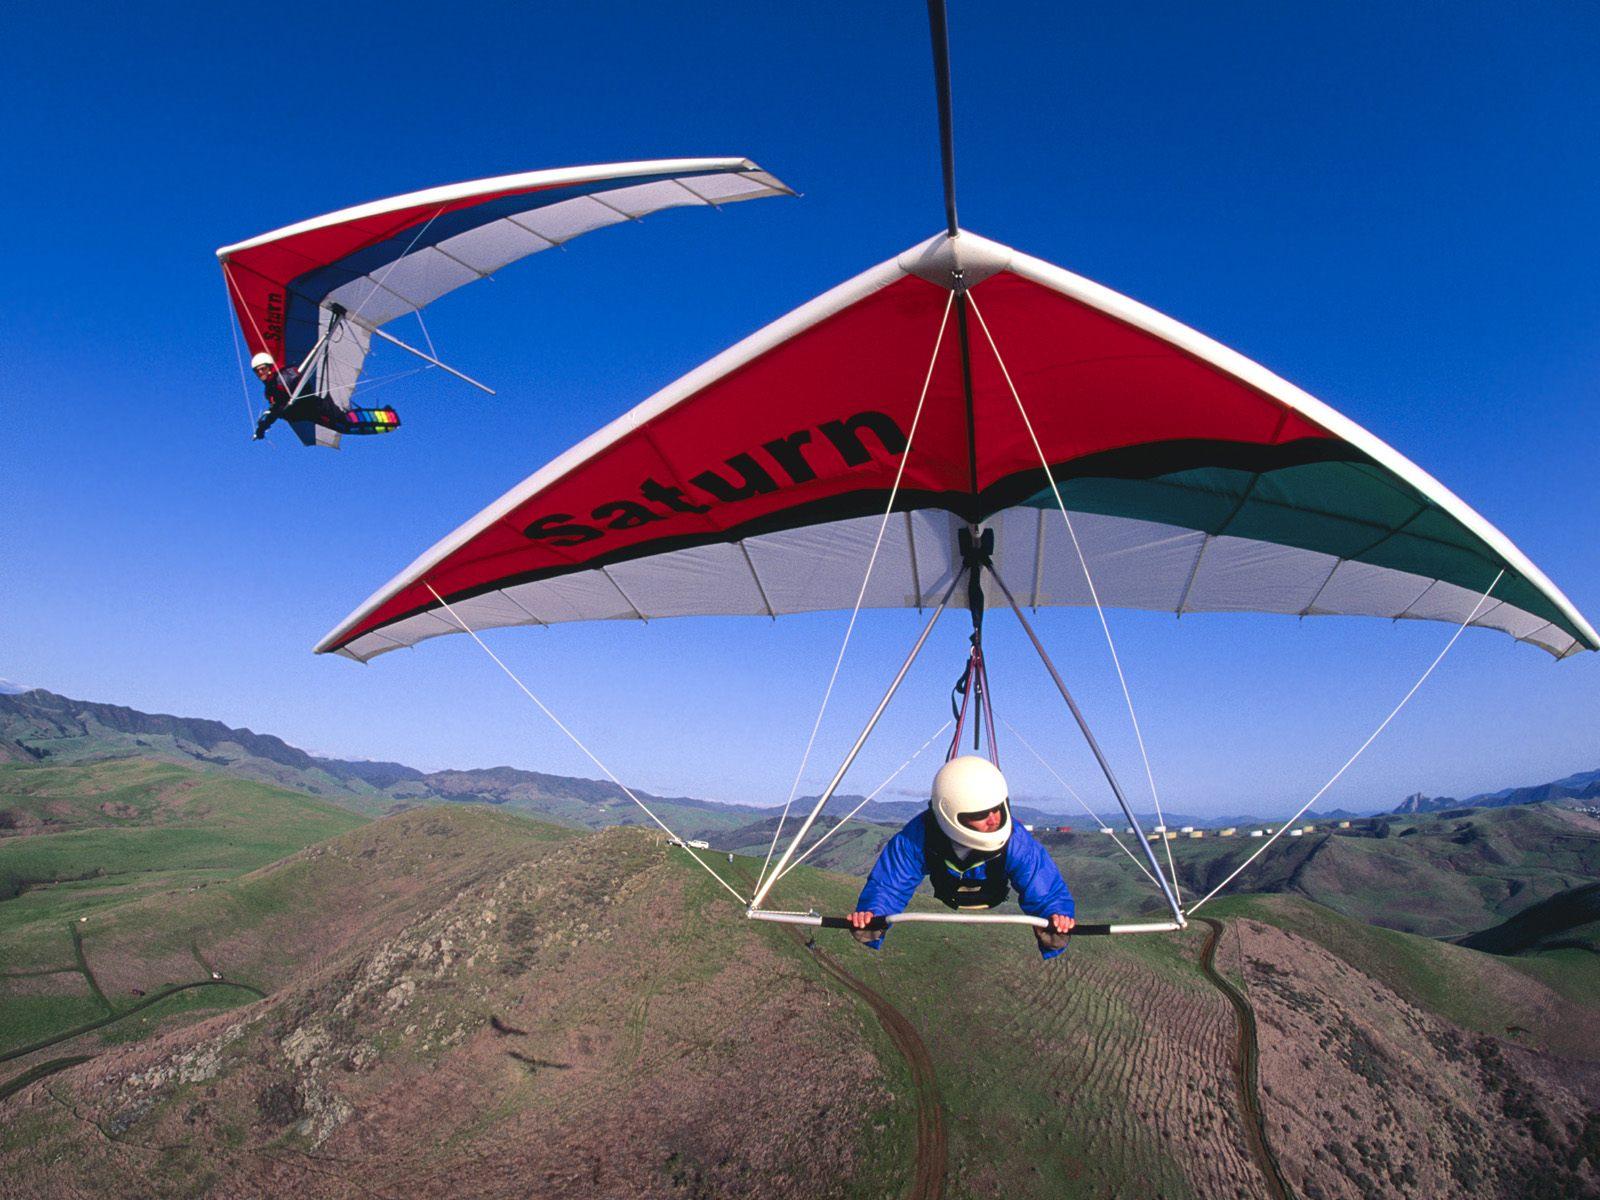 Gliding Over The Mountains Cayucos California